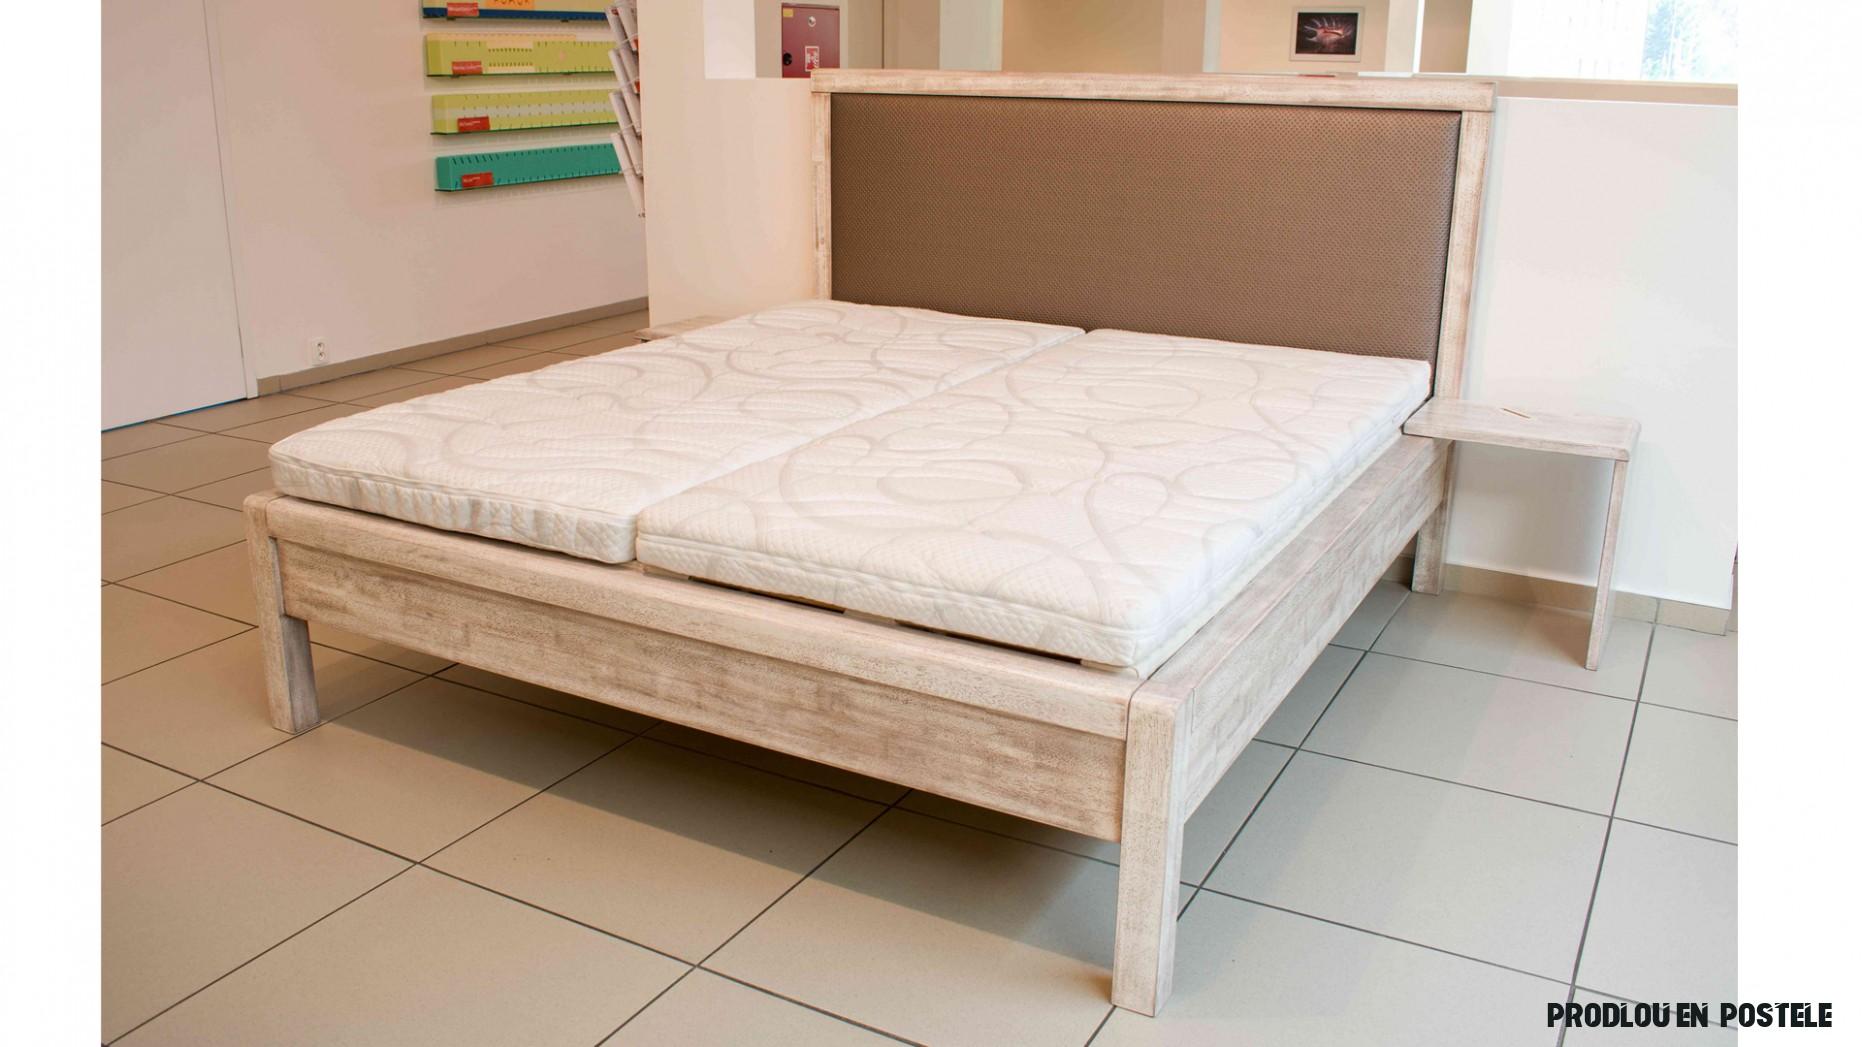 Manila postel z masivu - JMP Studio zdravého spaní